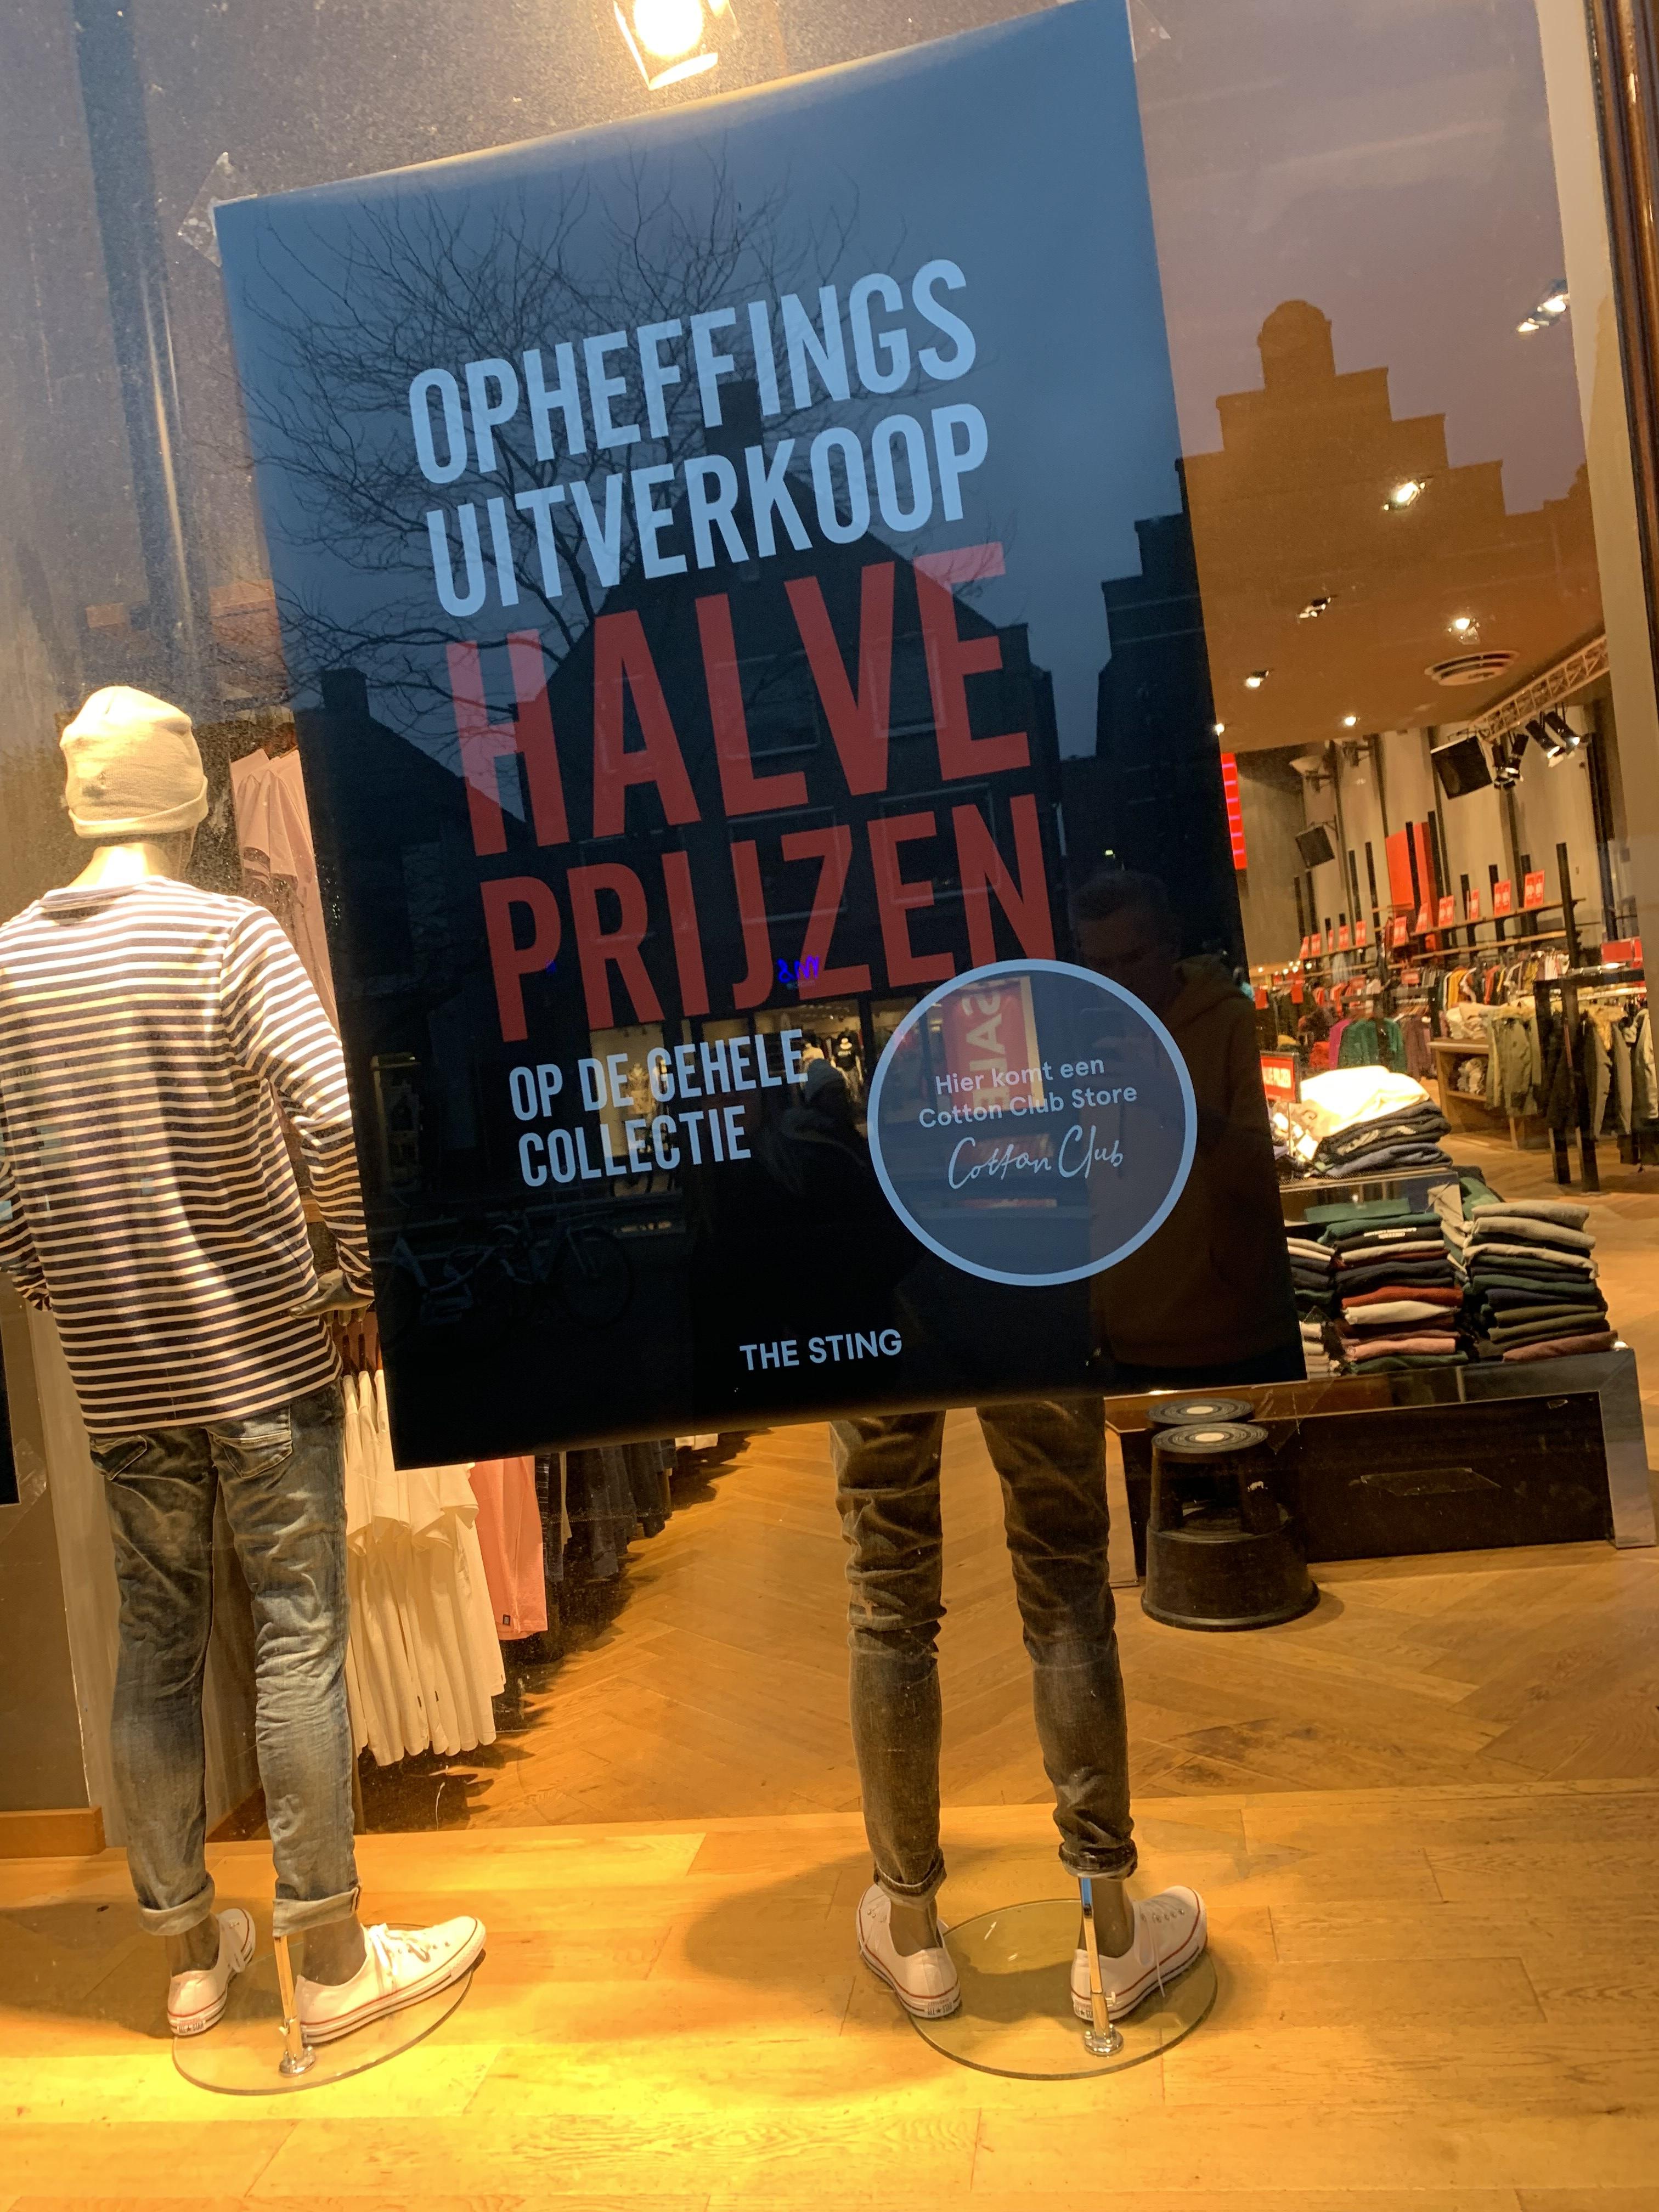 The Sting Hoogeveen 50% Korting Op Alles!